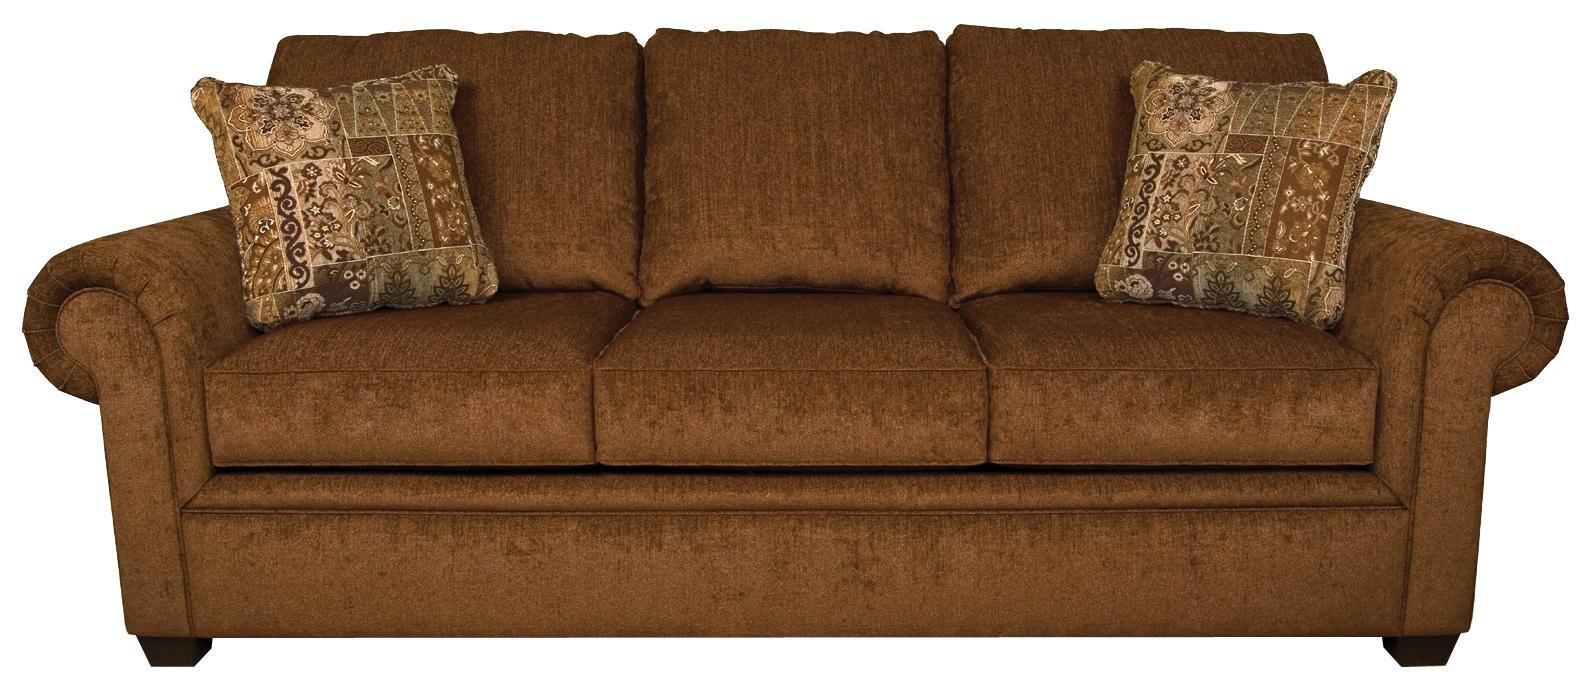 Beau England BrettRolled Arm Sofa